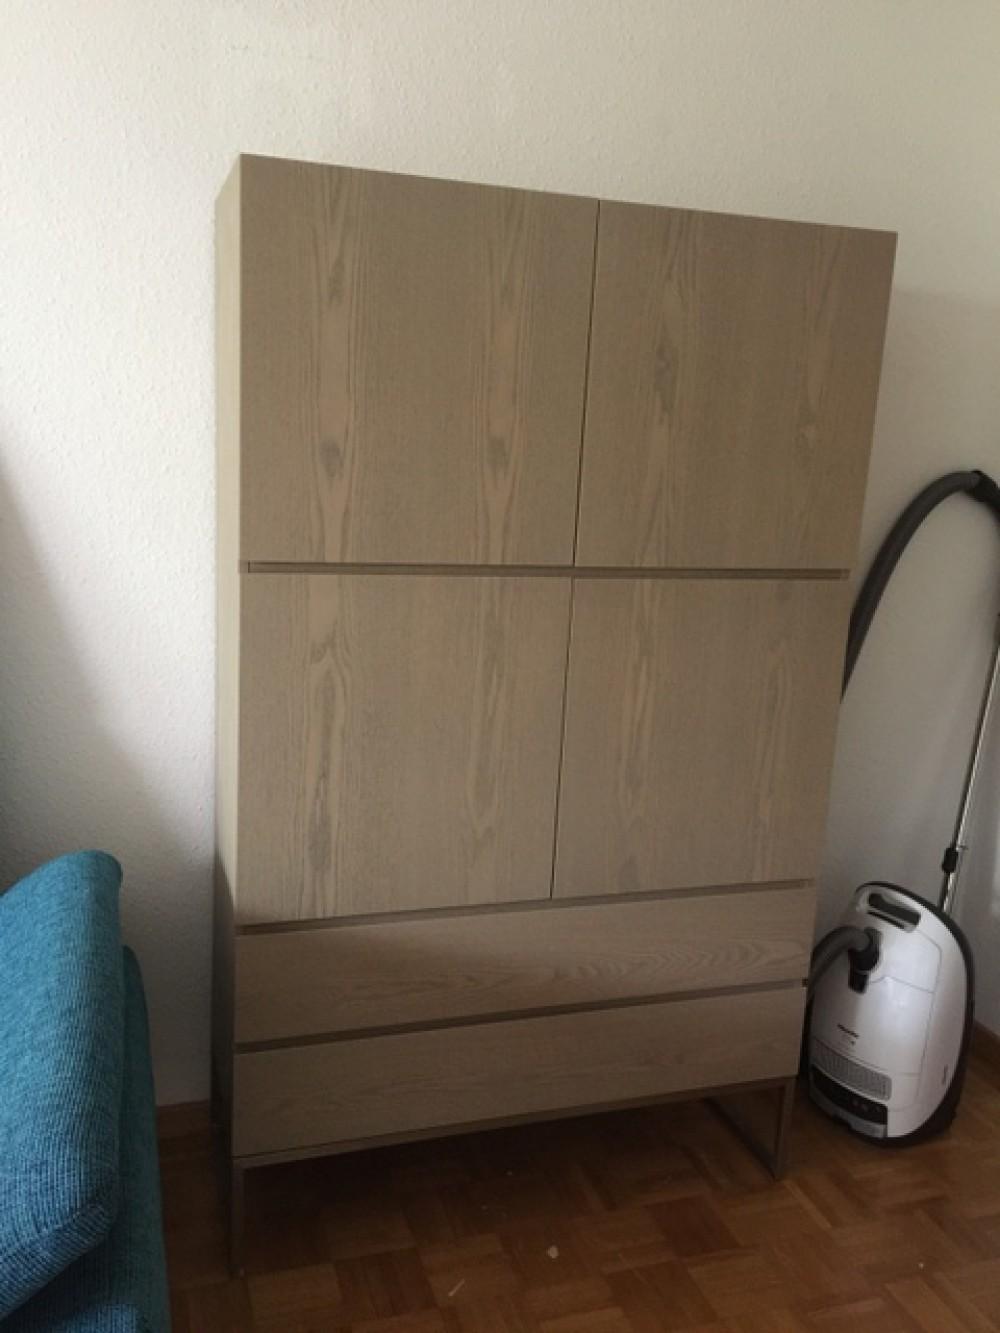 Design schrank wohnzimmerschrank farbe beige grau mit for Designer wohnzimmerschrank